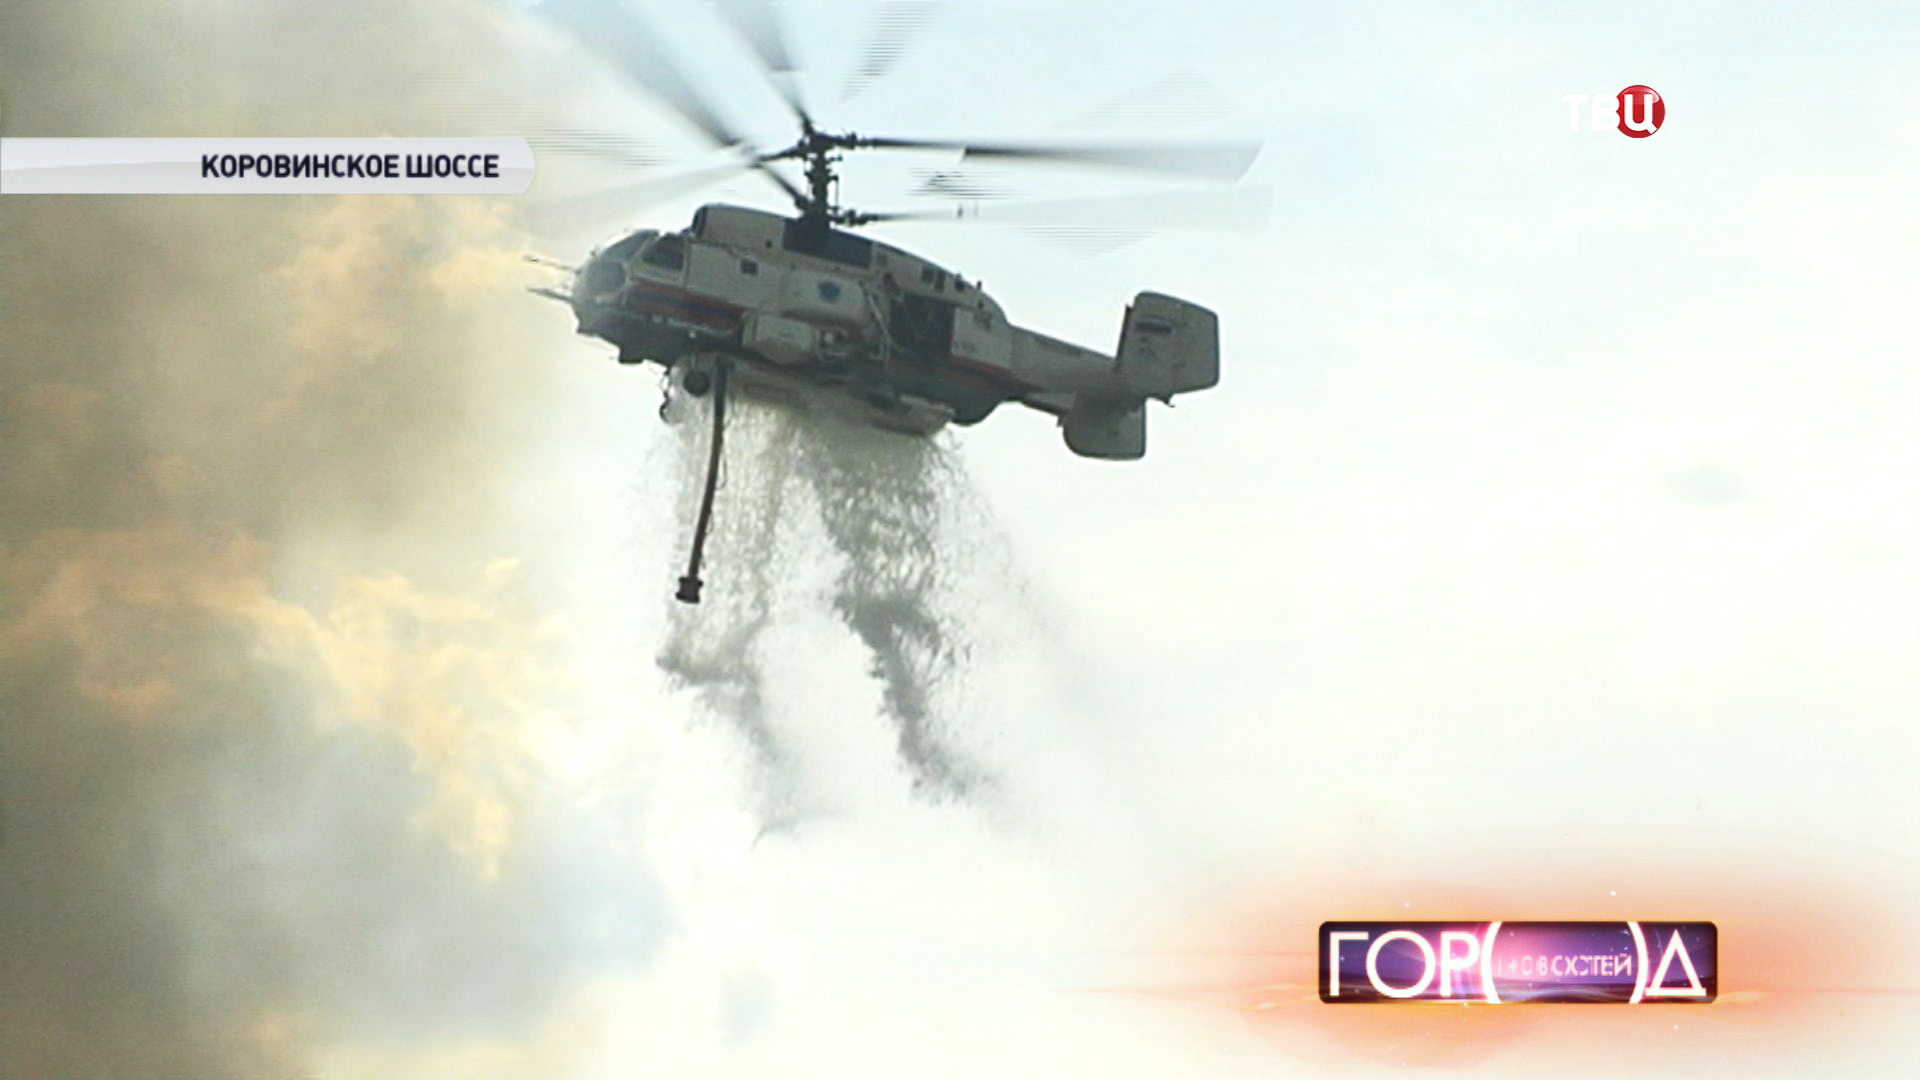 Вертолет МЧС сбрасывает воду на очаг возгорания